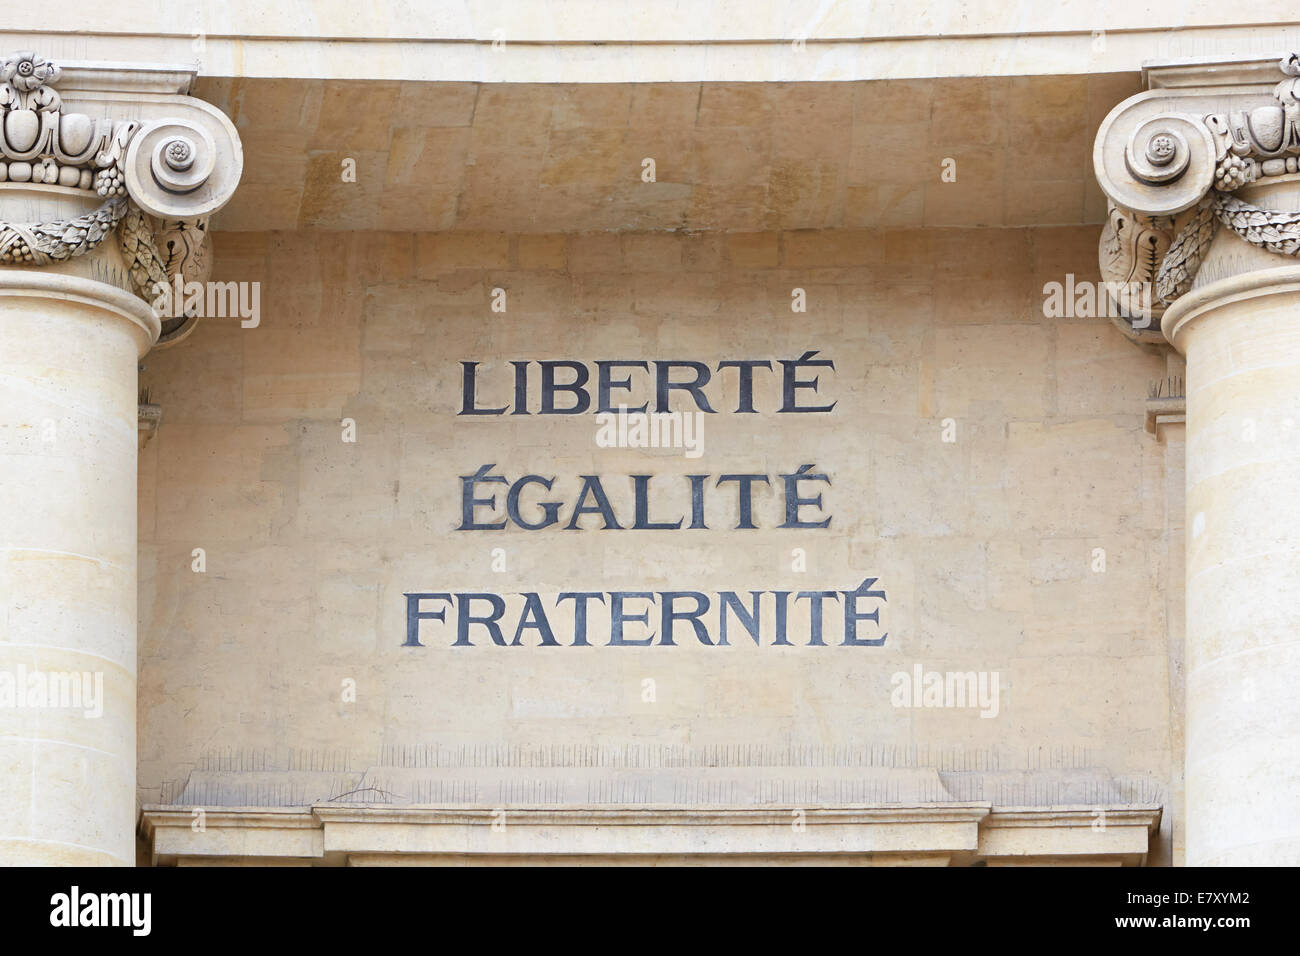 Freiheit, Gleichheit und Brüderlichkeit Wörter in Paris, das Motto der französischen Revolution Stockbild